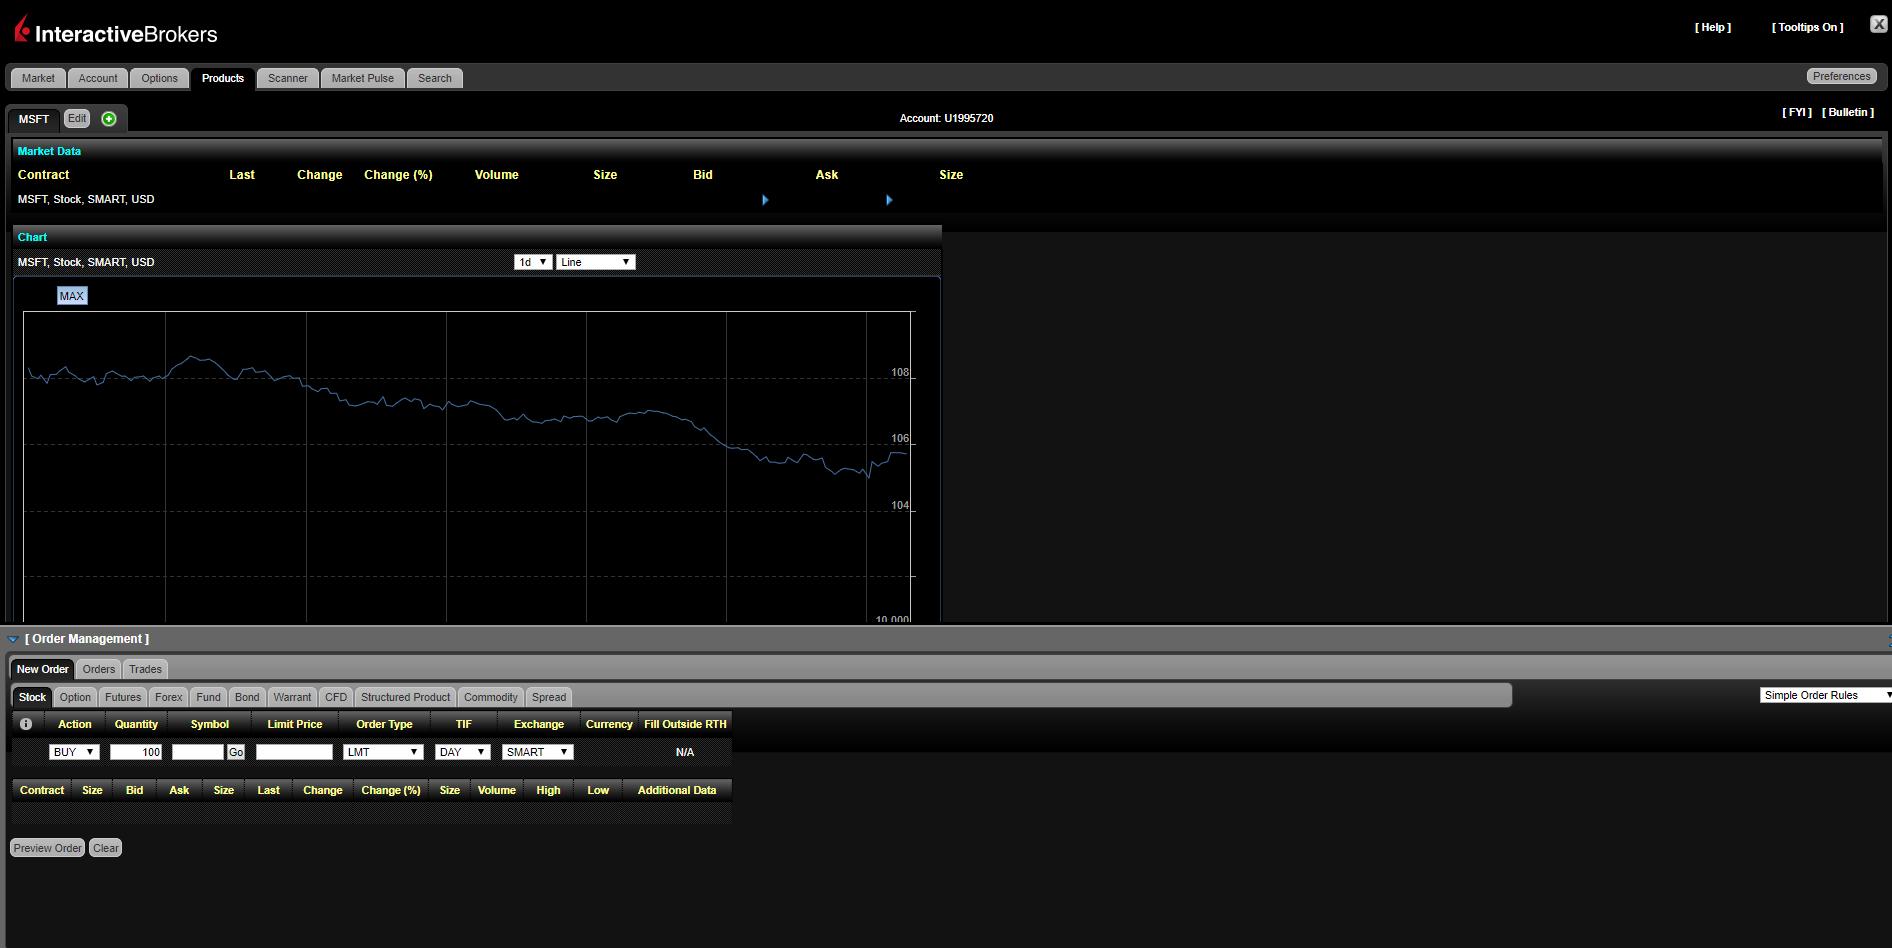 Best online brokers - Interactive Brokers trading platform